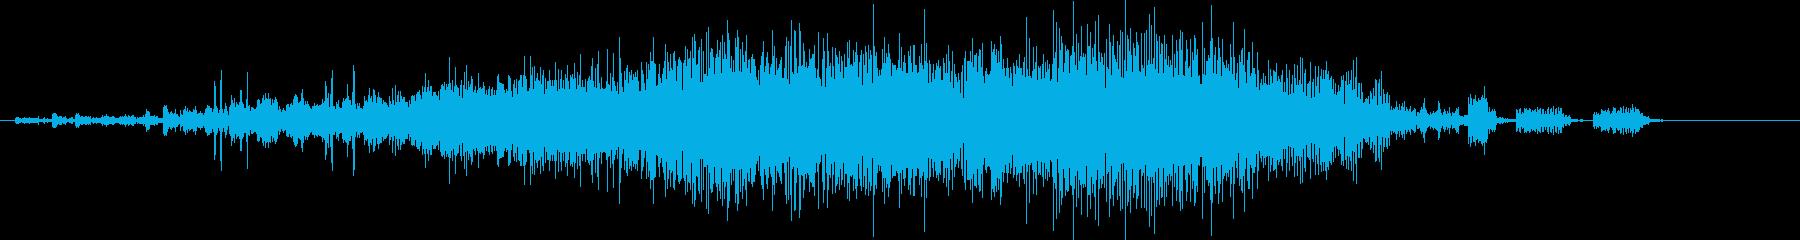 【SF】【機械】 奇妙な音_05 ロボの再生済みの波形